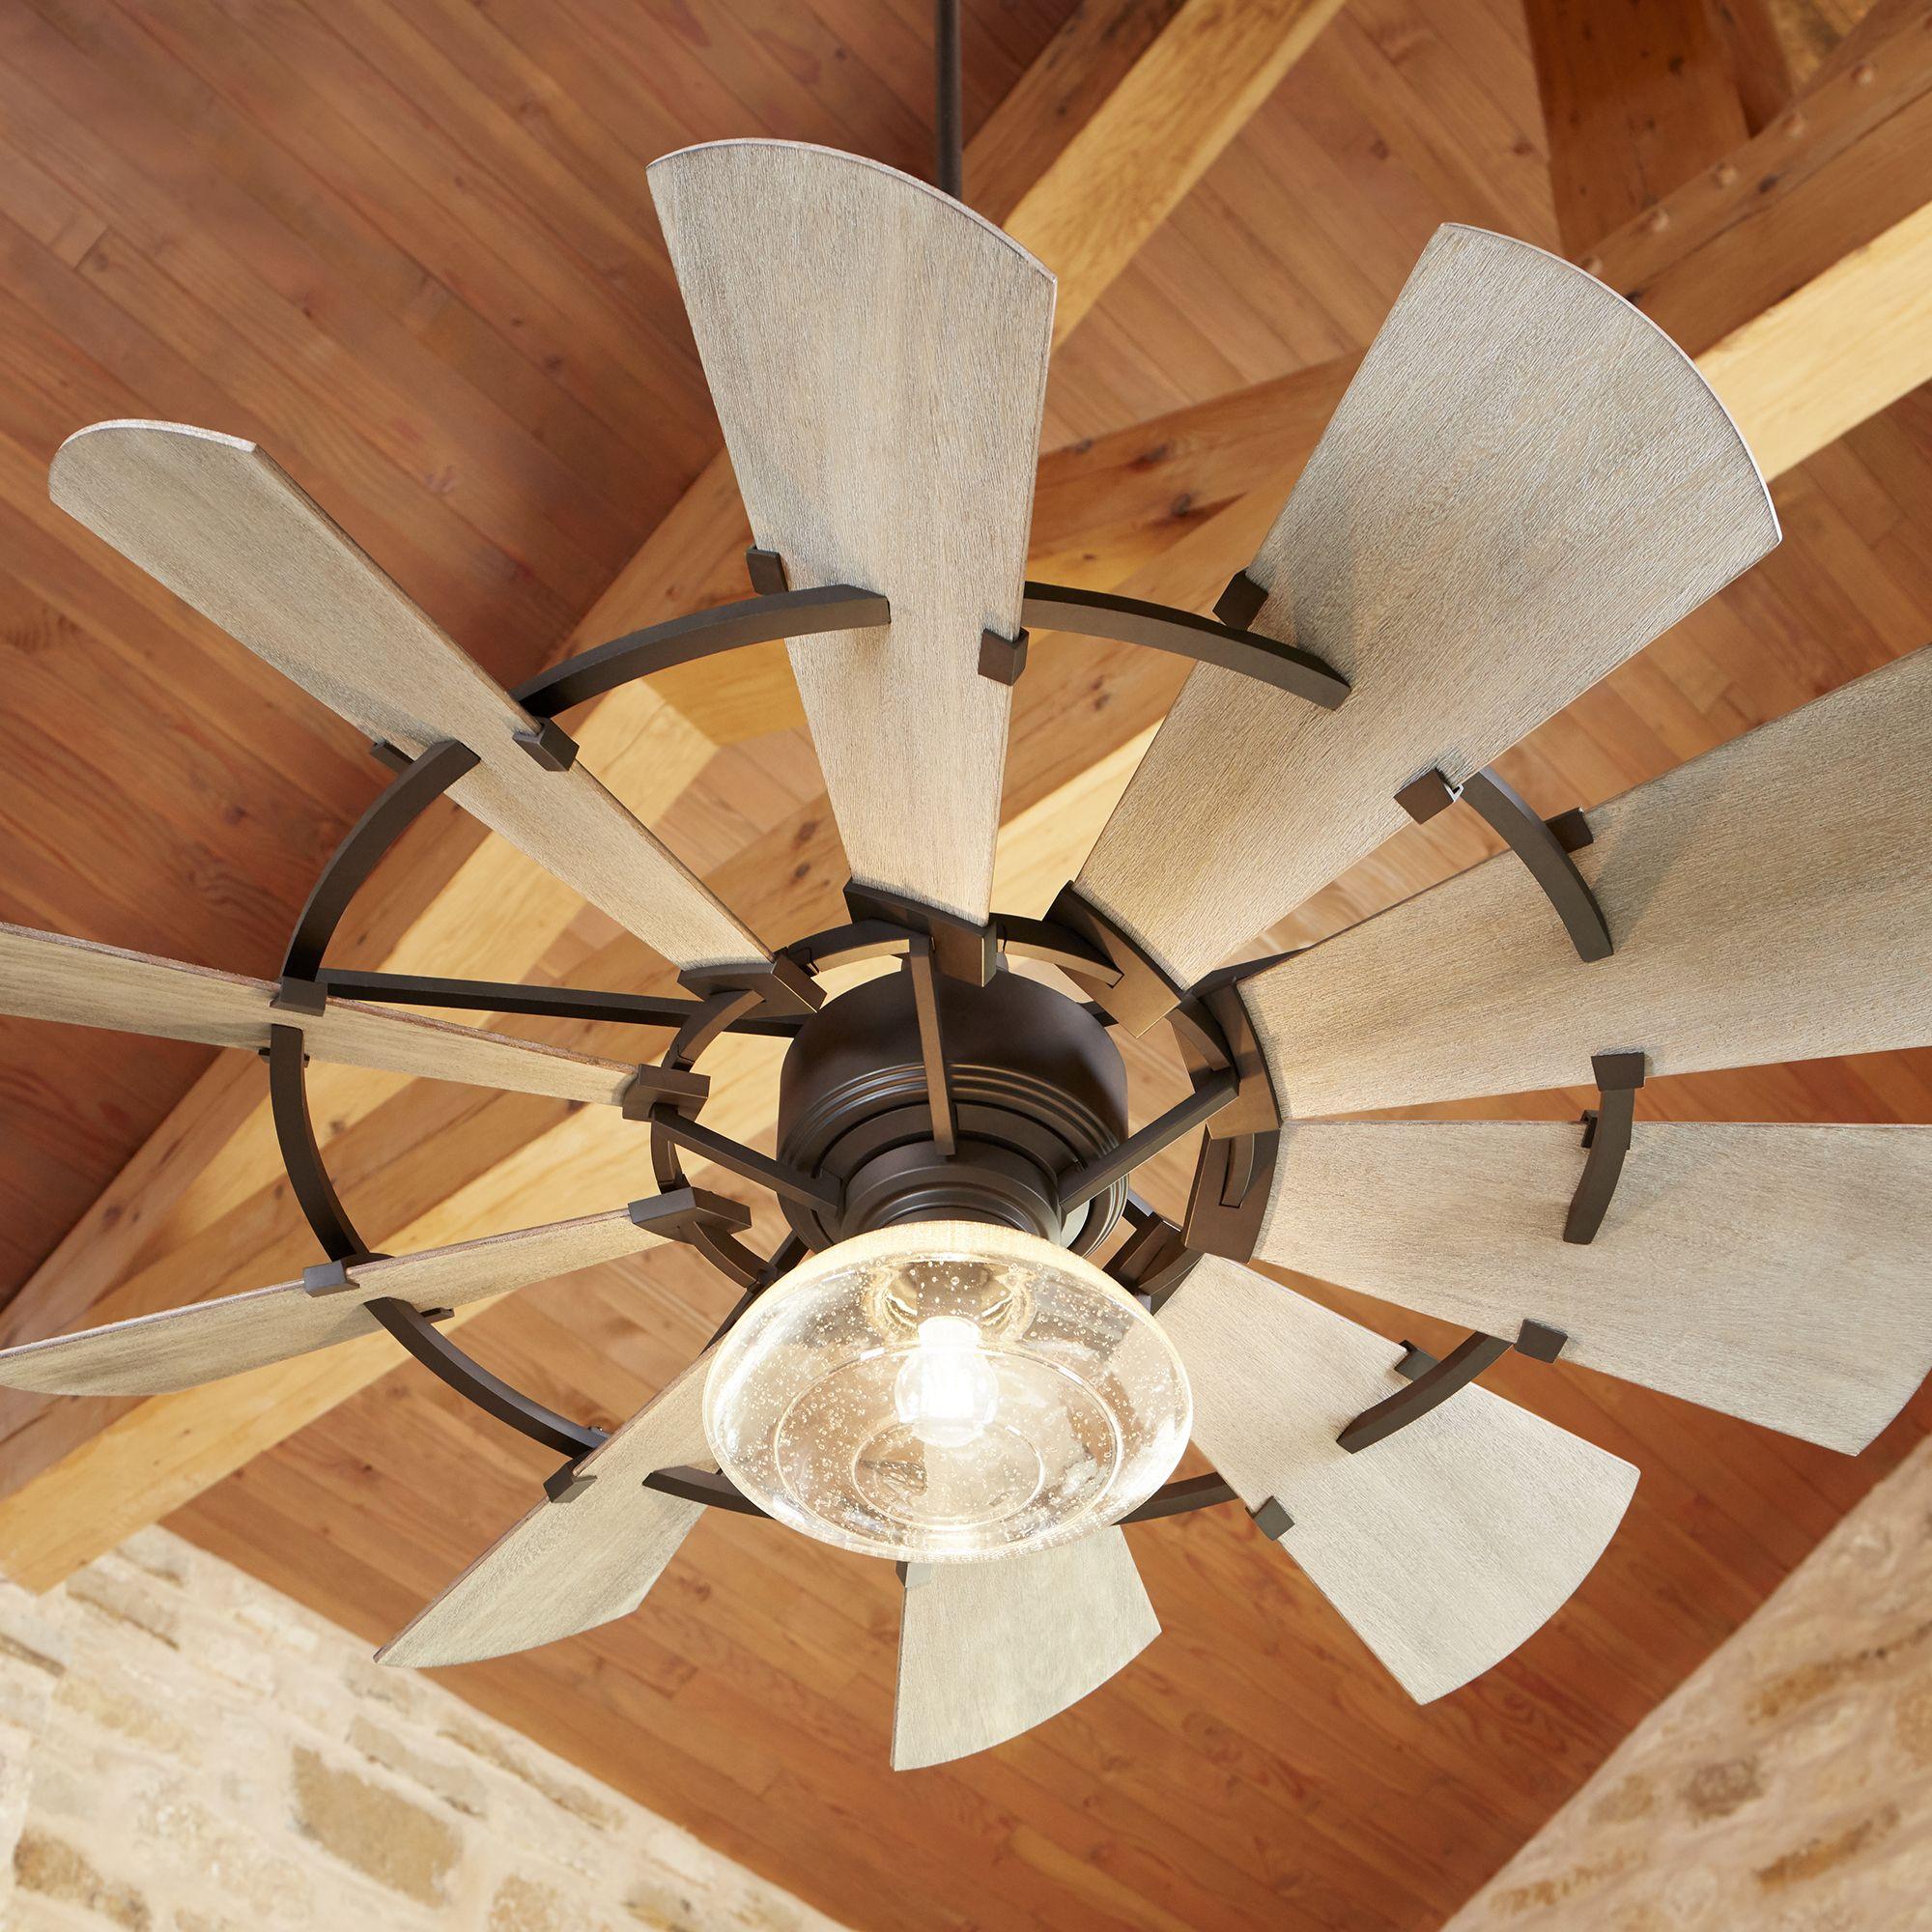 Quorum Windmill 52 Indoor Outdoor Ceiling Fan In Oiled Bronze